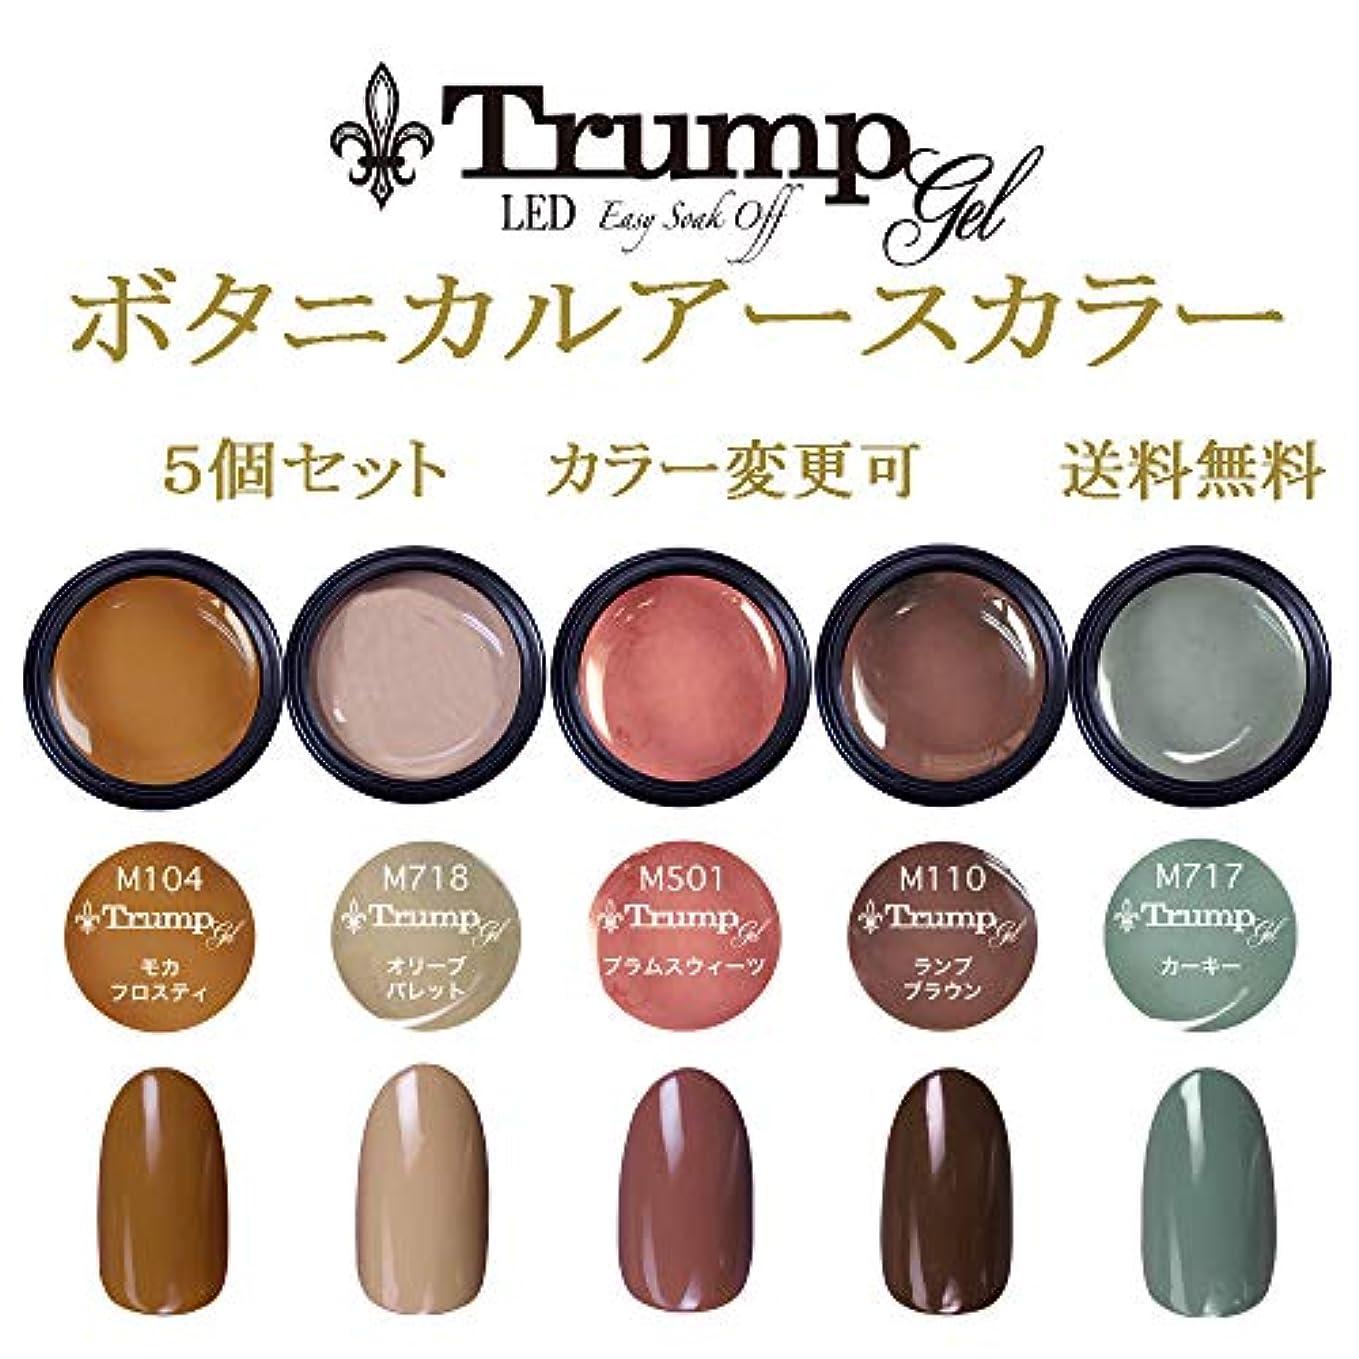 バイオレット芝生ハーフ【送料無料】日本製 Trump gel ボタニカルアースカラージェル5個セット 人気のボタニカルカラーをセット